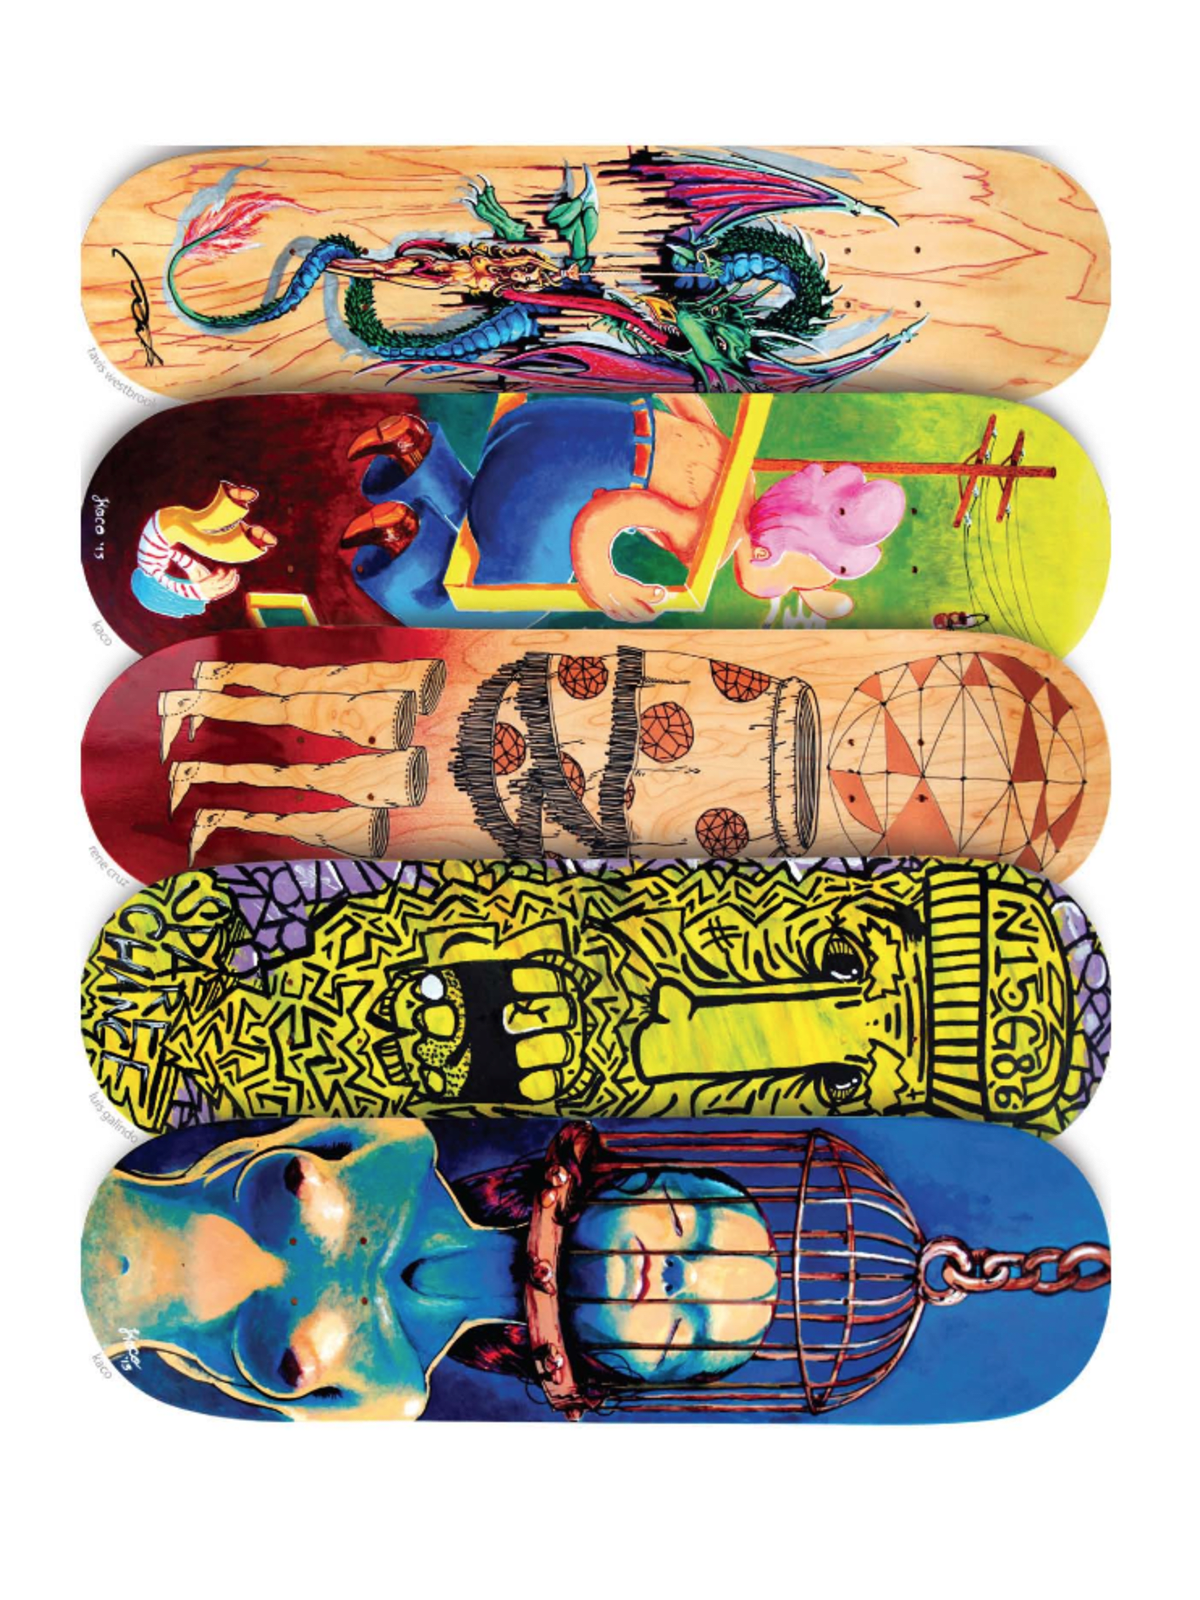 Art opening reception: Artista Skateboard